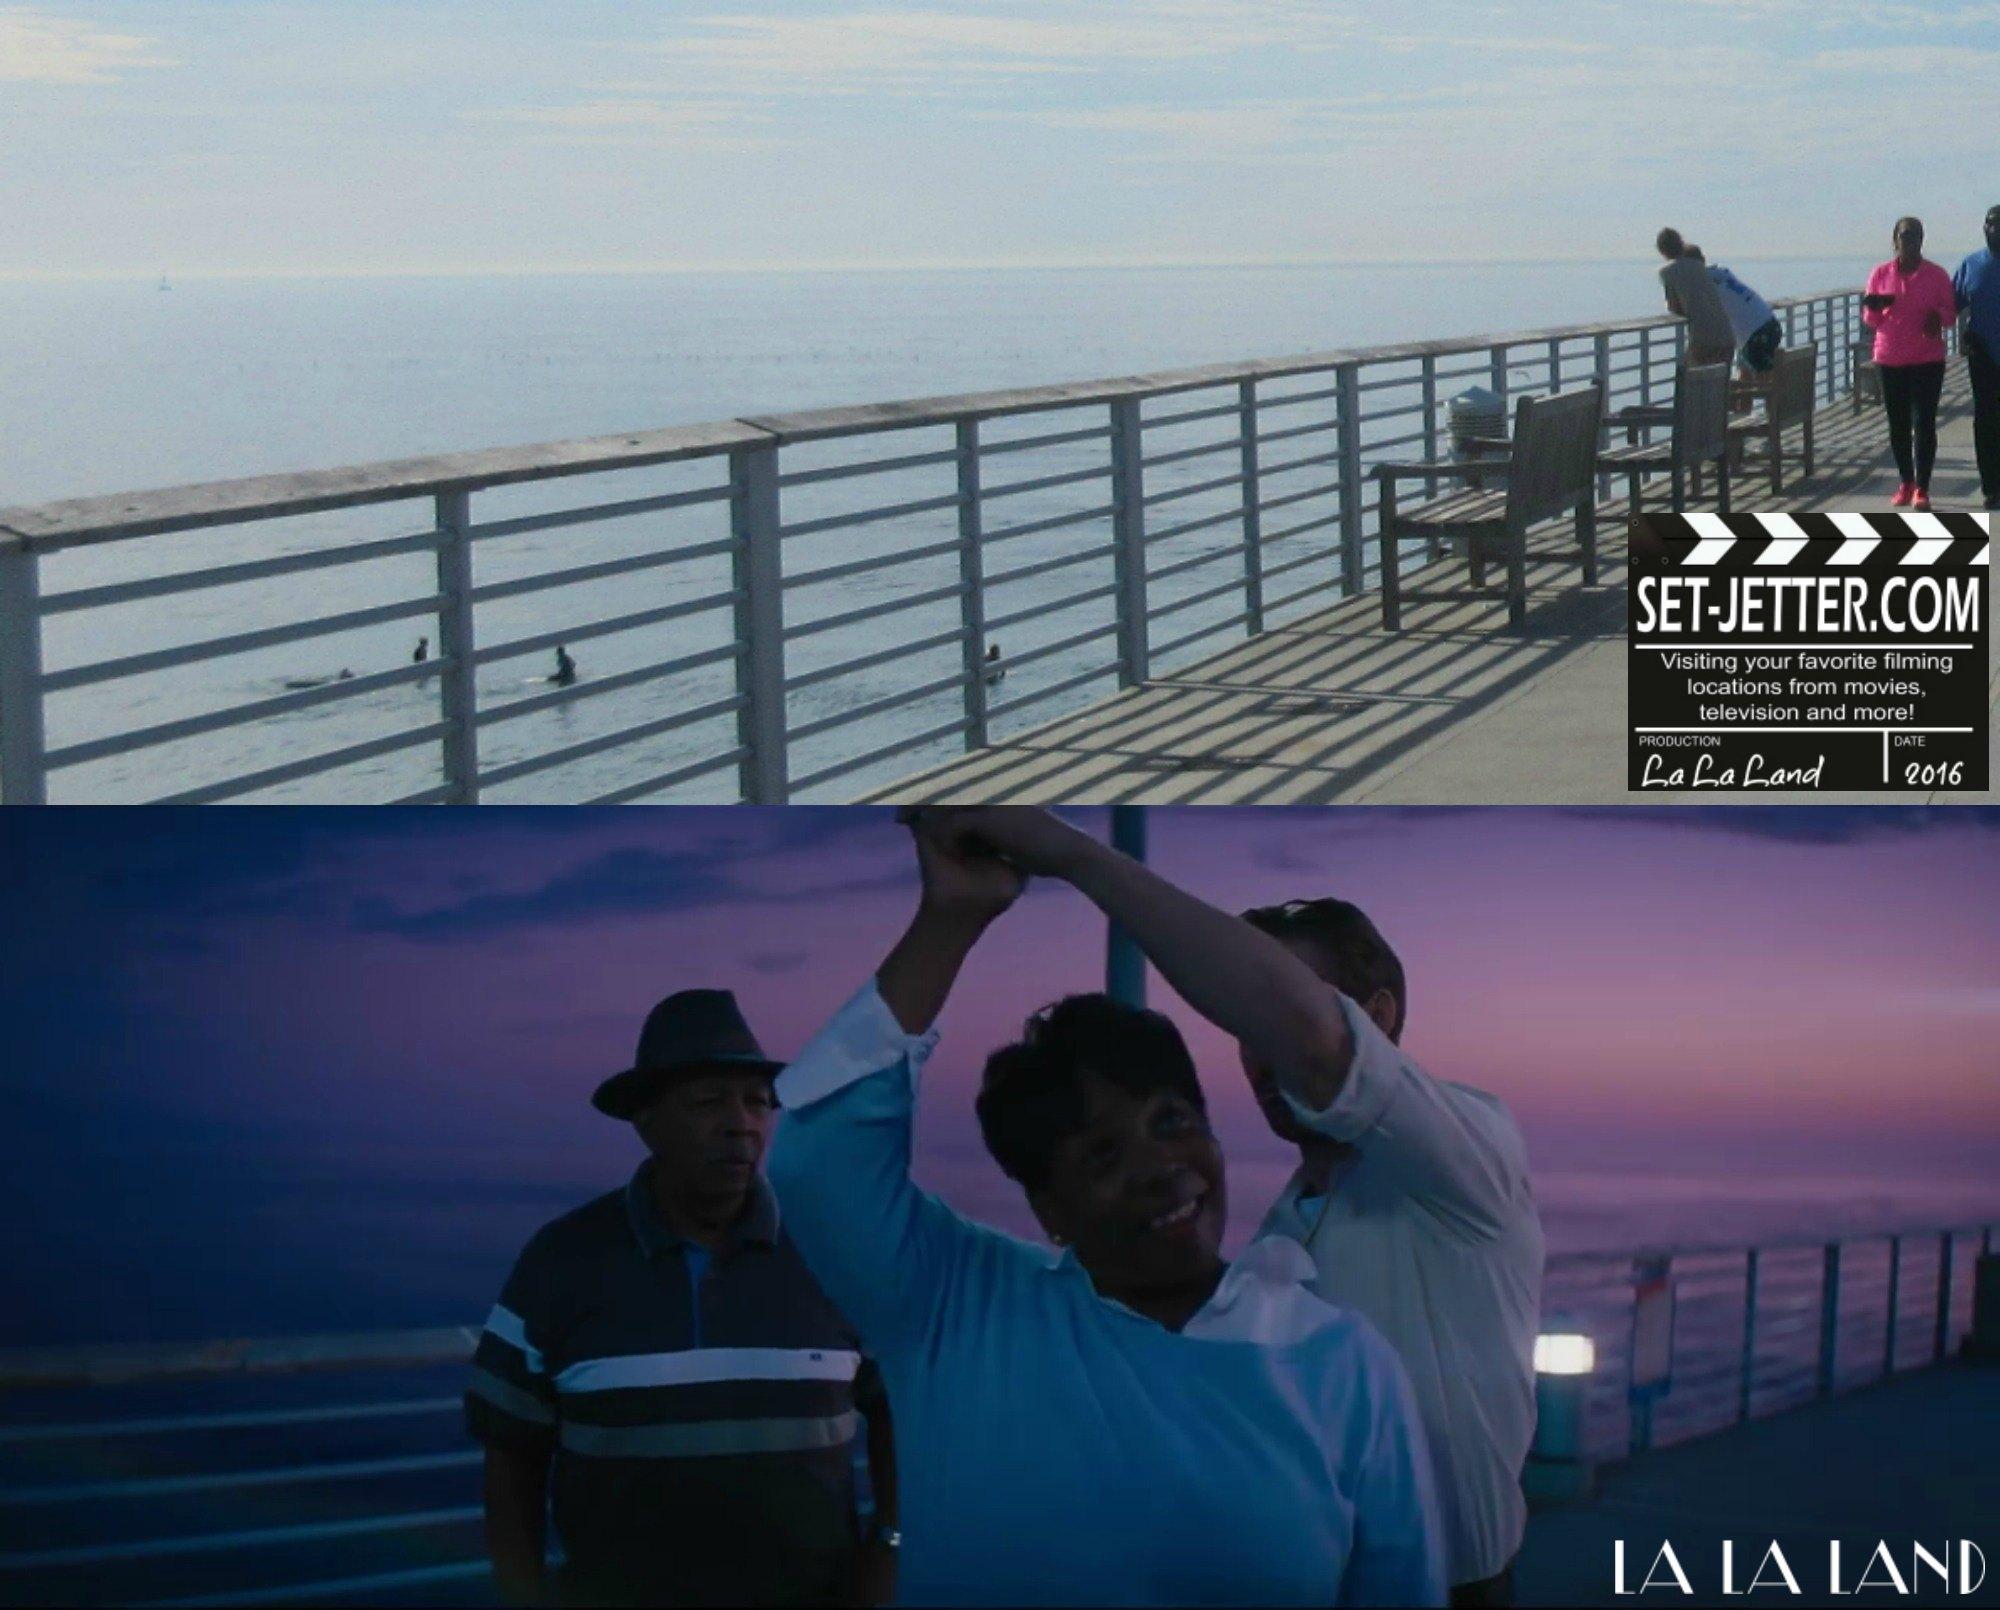 La La Land comparison 53.jpg